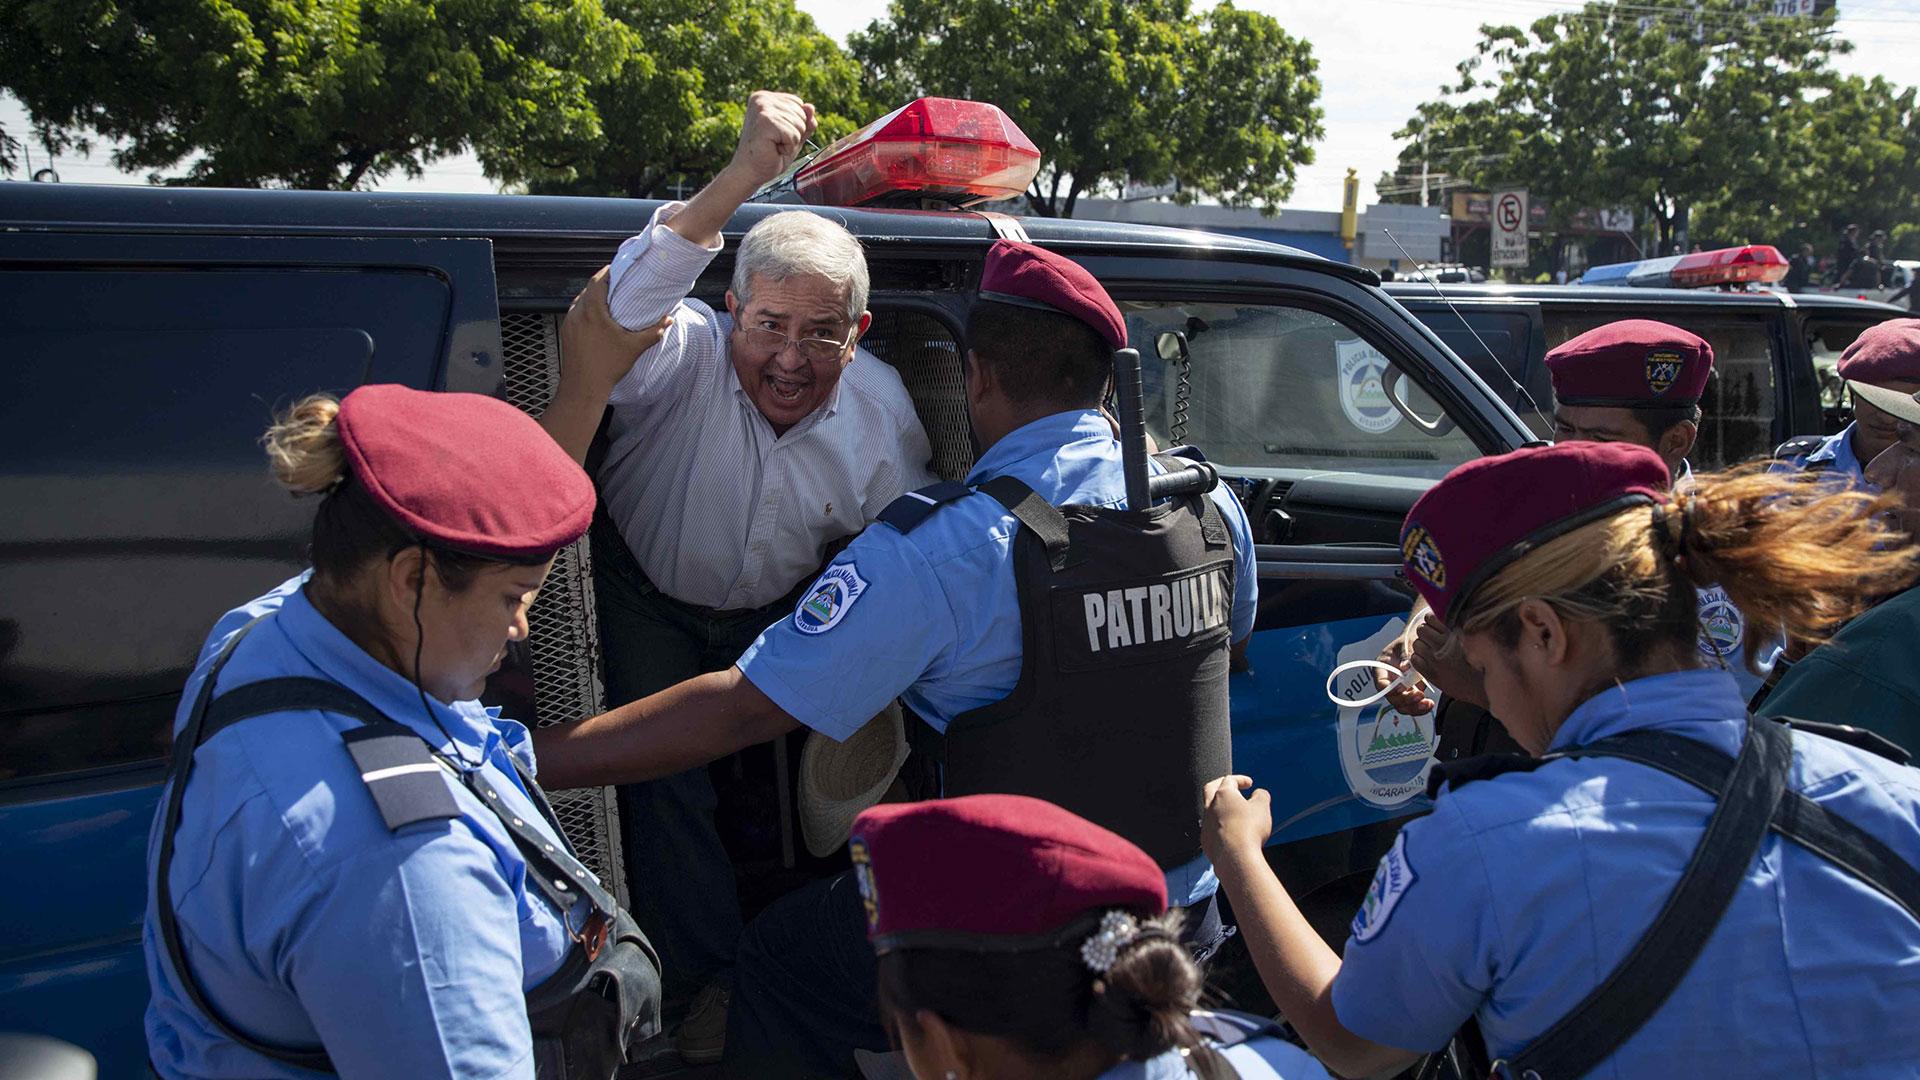 El régimen de Ortega reprime las manifestaciones en su contra (Foto: EFE)